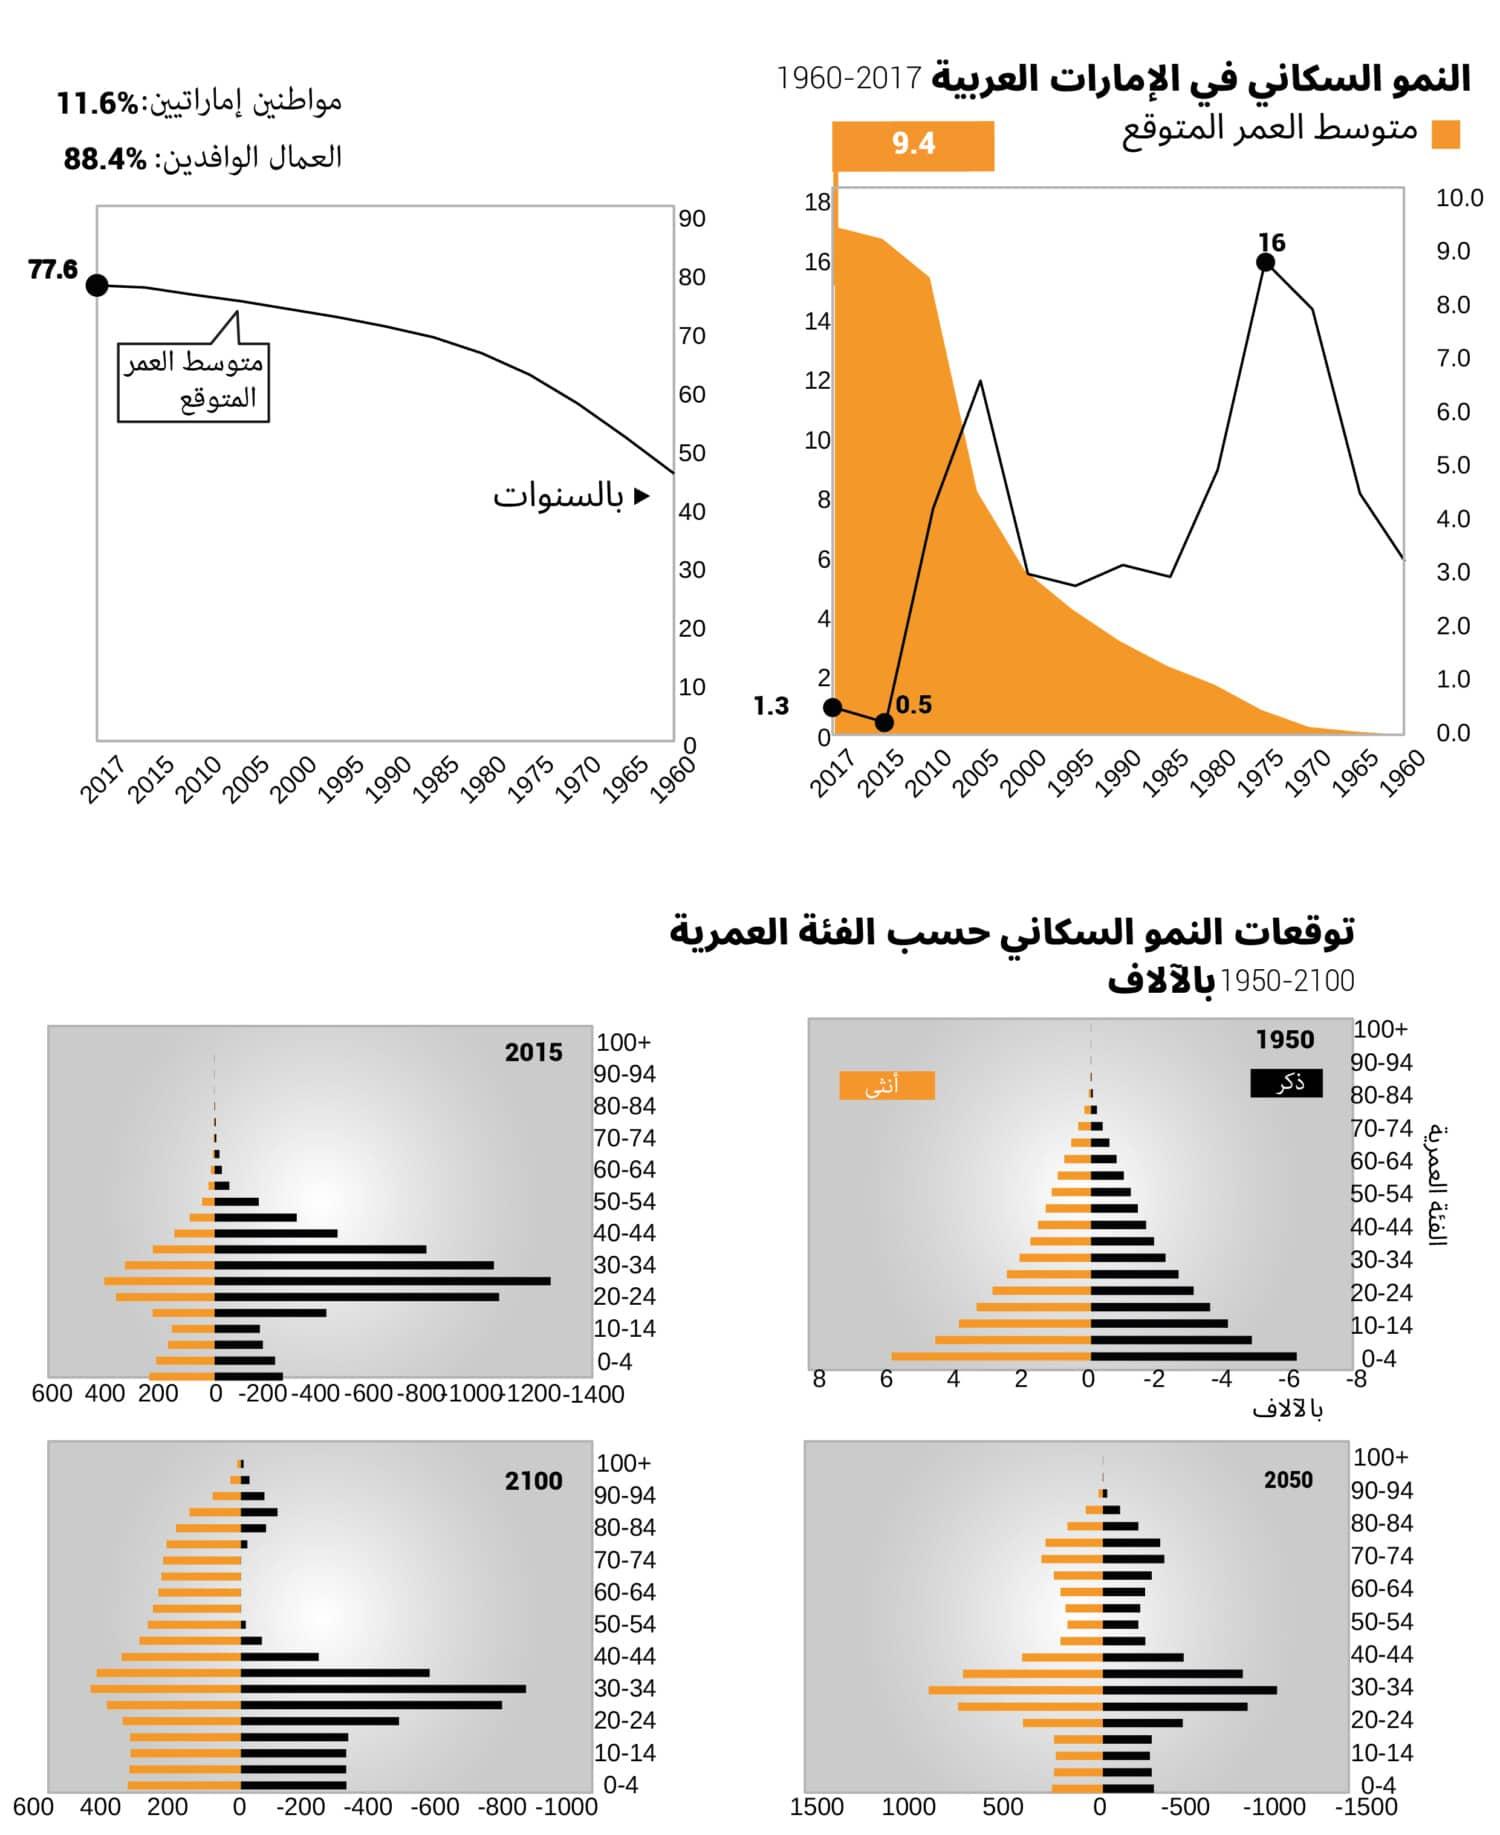 UAE population growth